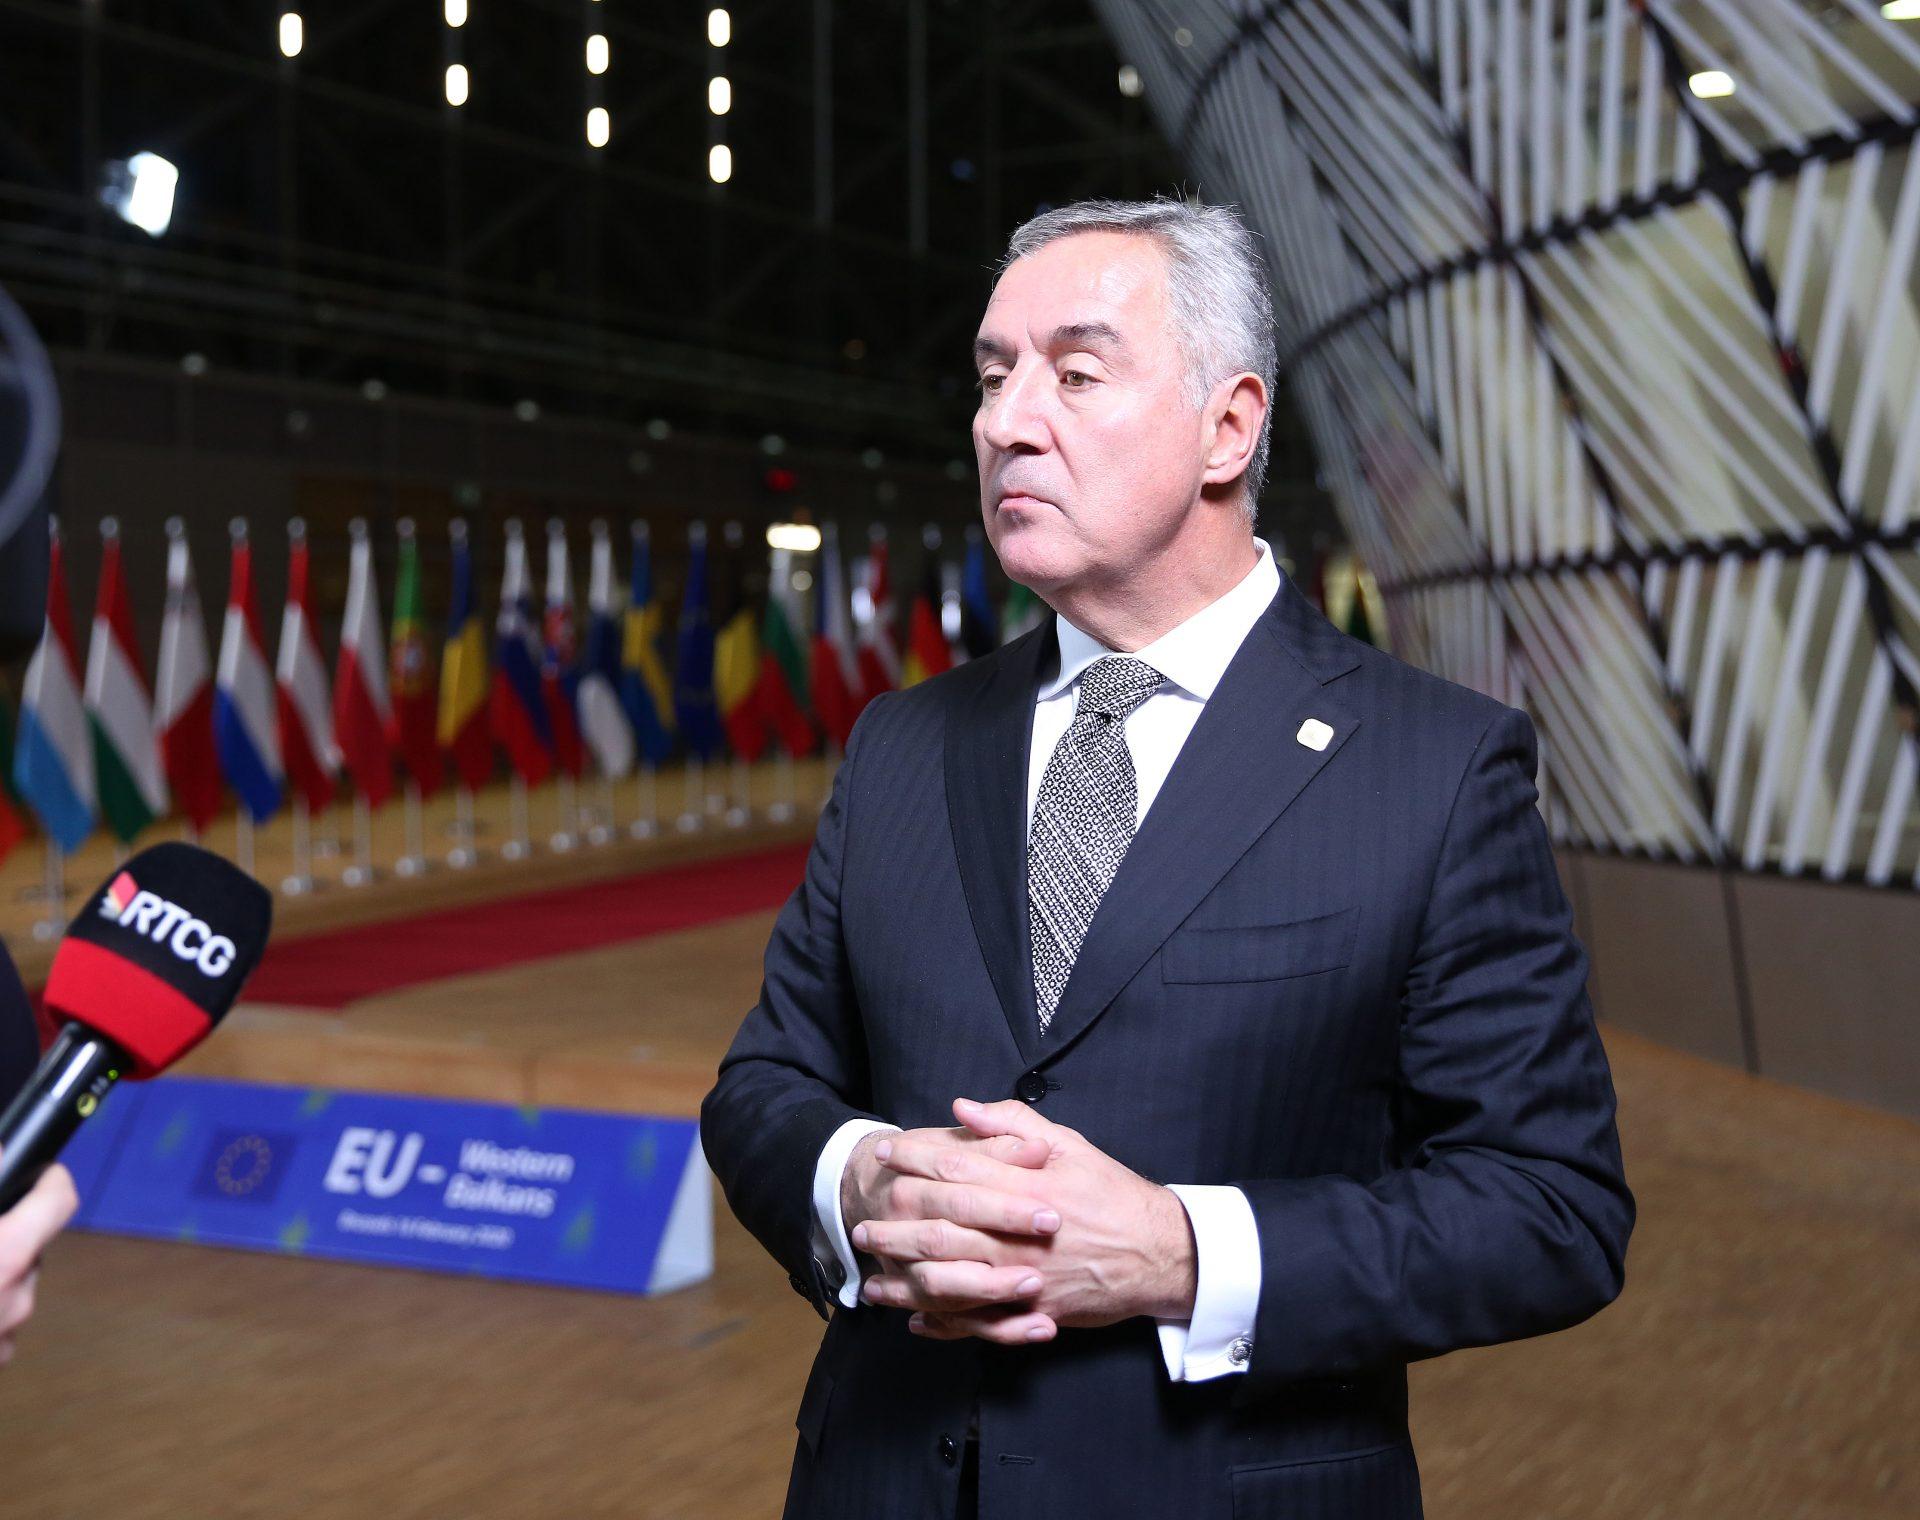 NAKON RADNE VEČERE U BRISELU! Đukanović: Crna Gora je u stanju da sama rješava svoje probleme!